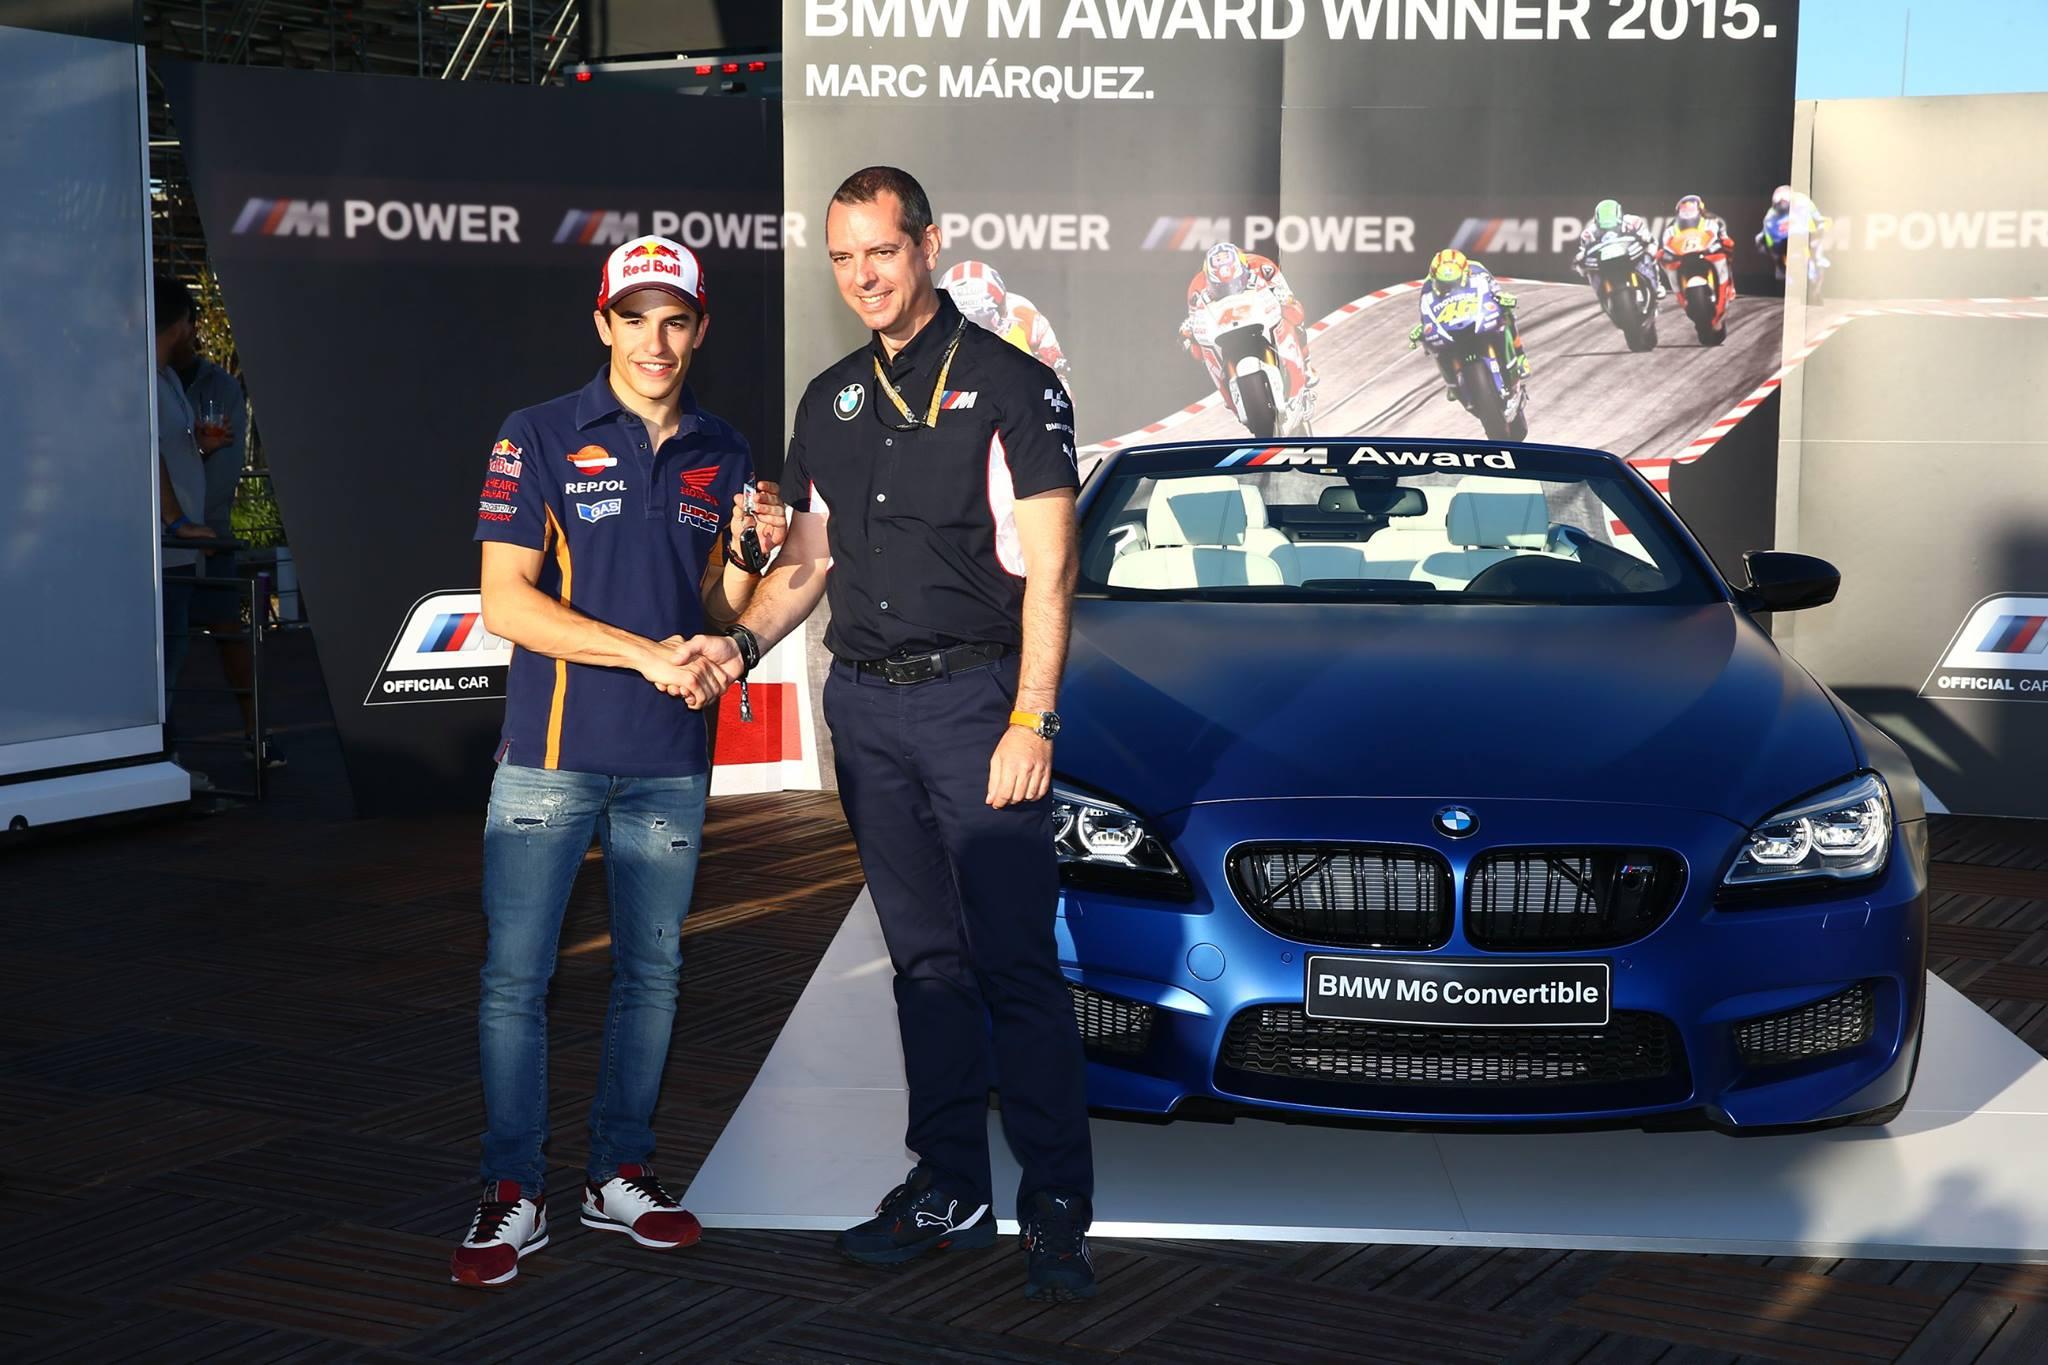 Marc Marquez BMW M Award 2015 01